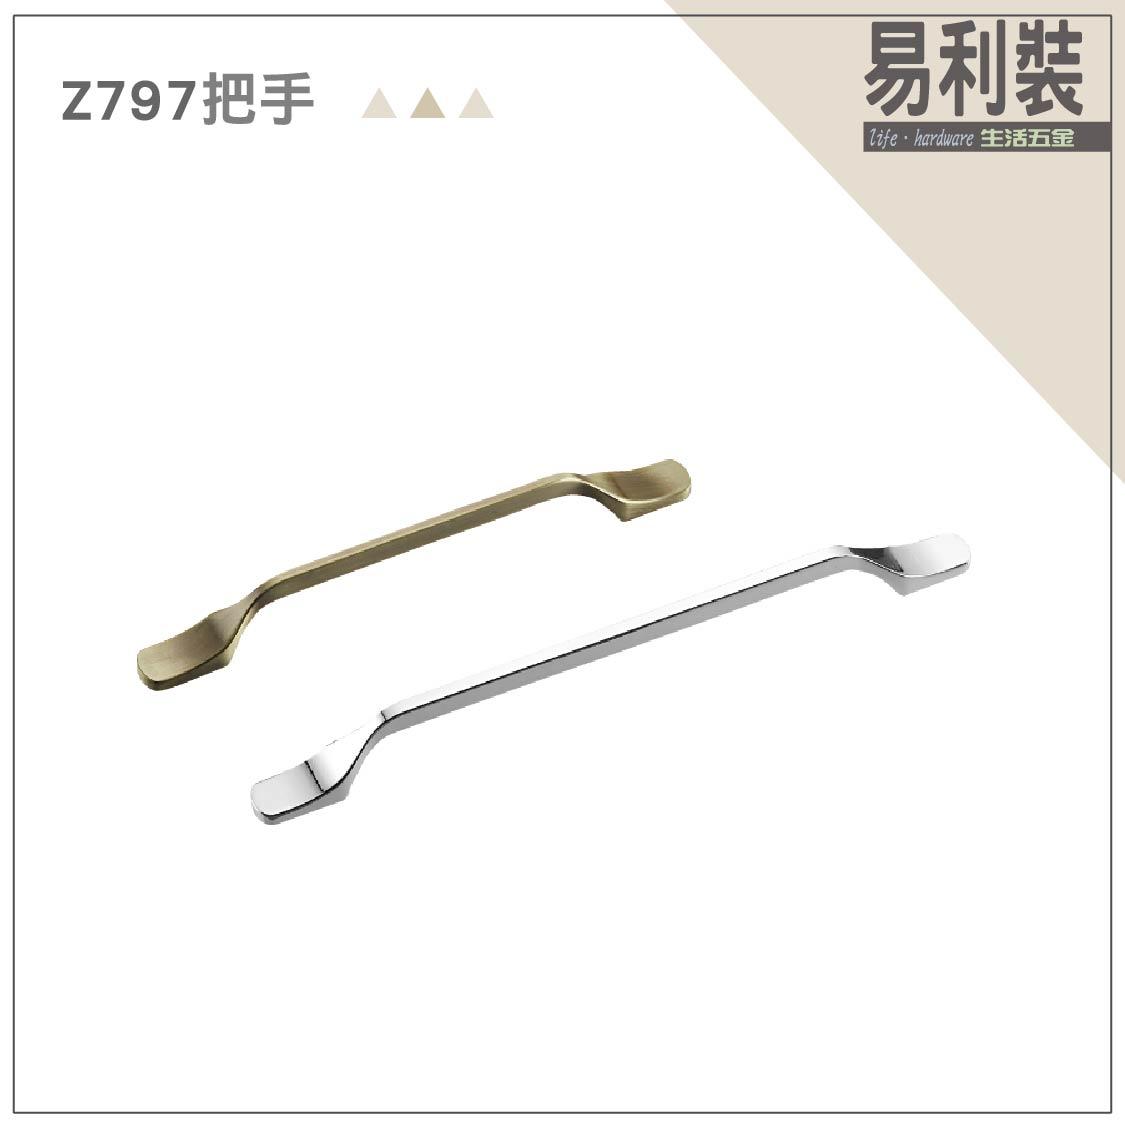 Z797 易利裝生活五金 櫥櫃抽屜把手取手 雙孔現代把手 一體成型把手 鋁合金把手 0